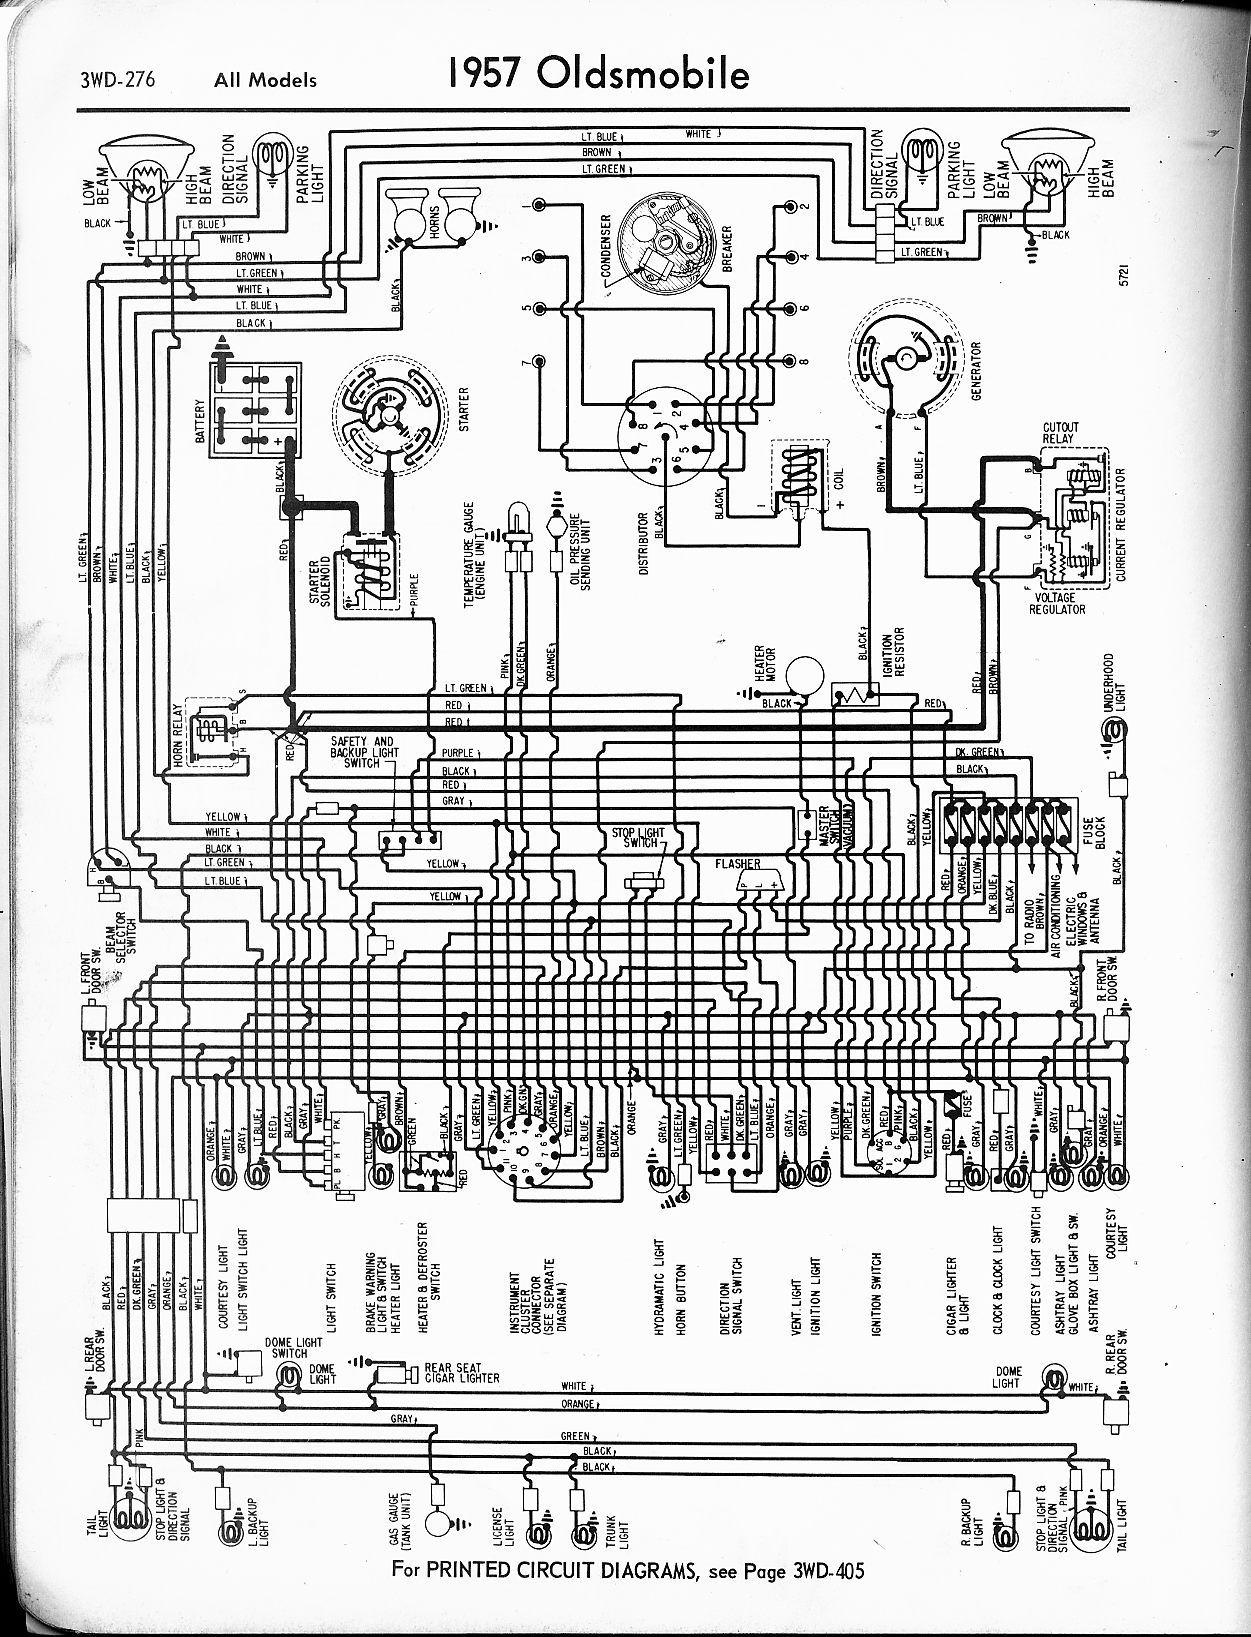 Pin By Sarah Kay Miller On Dataviz Electrical Wiring Diagram Circuit Diagram Diagram